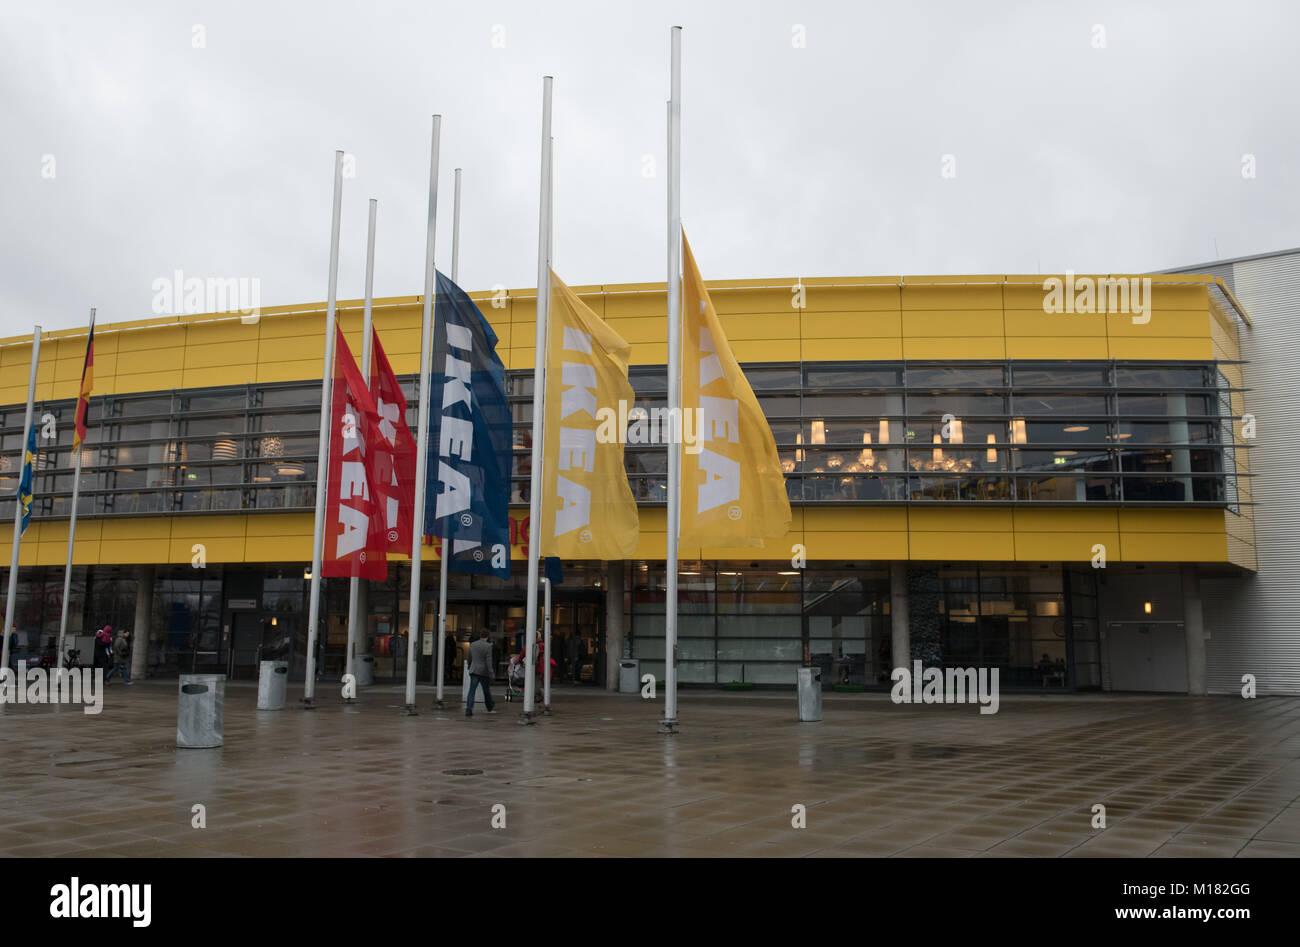 Berl N Alemania 28 Ene 2018 Las Banderas En Frente De Ikea  # Muebles Mio Suecos